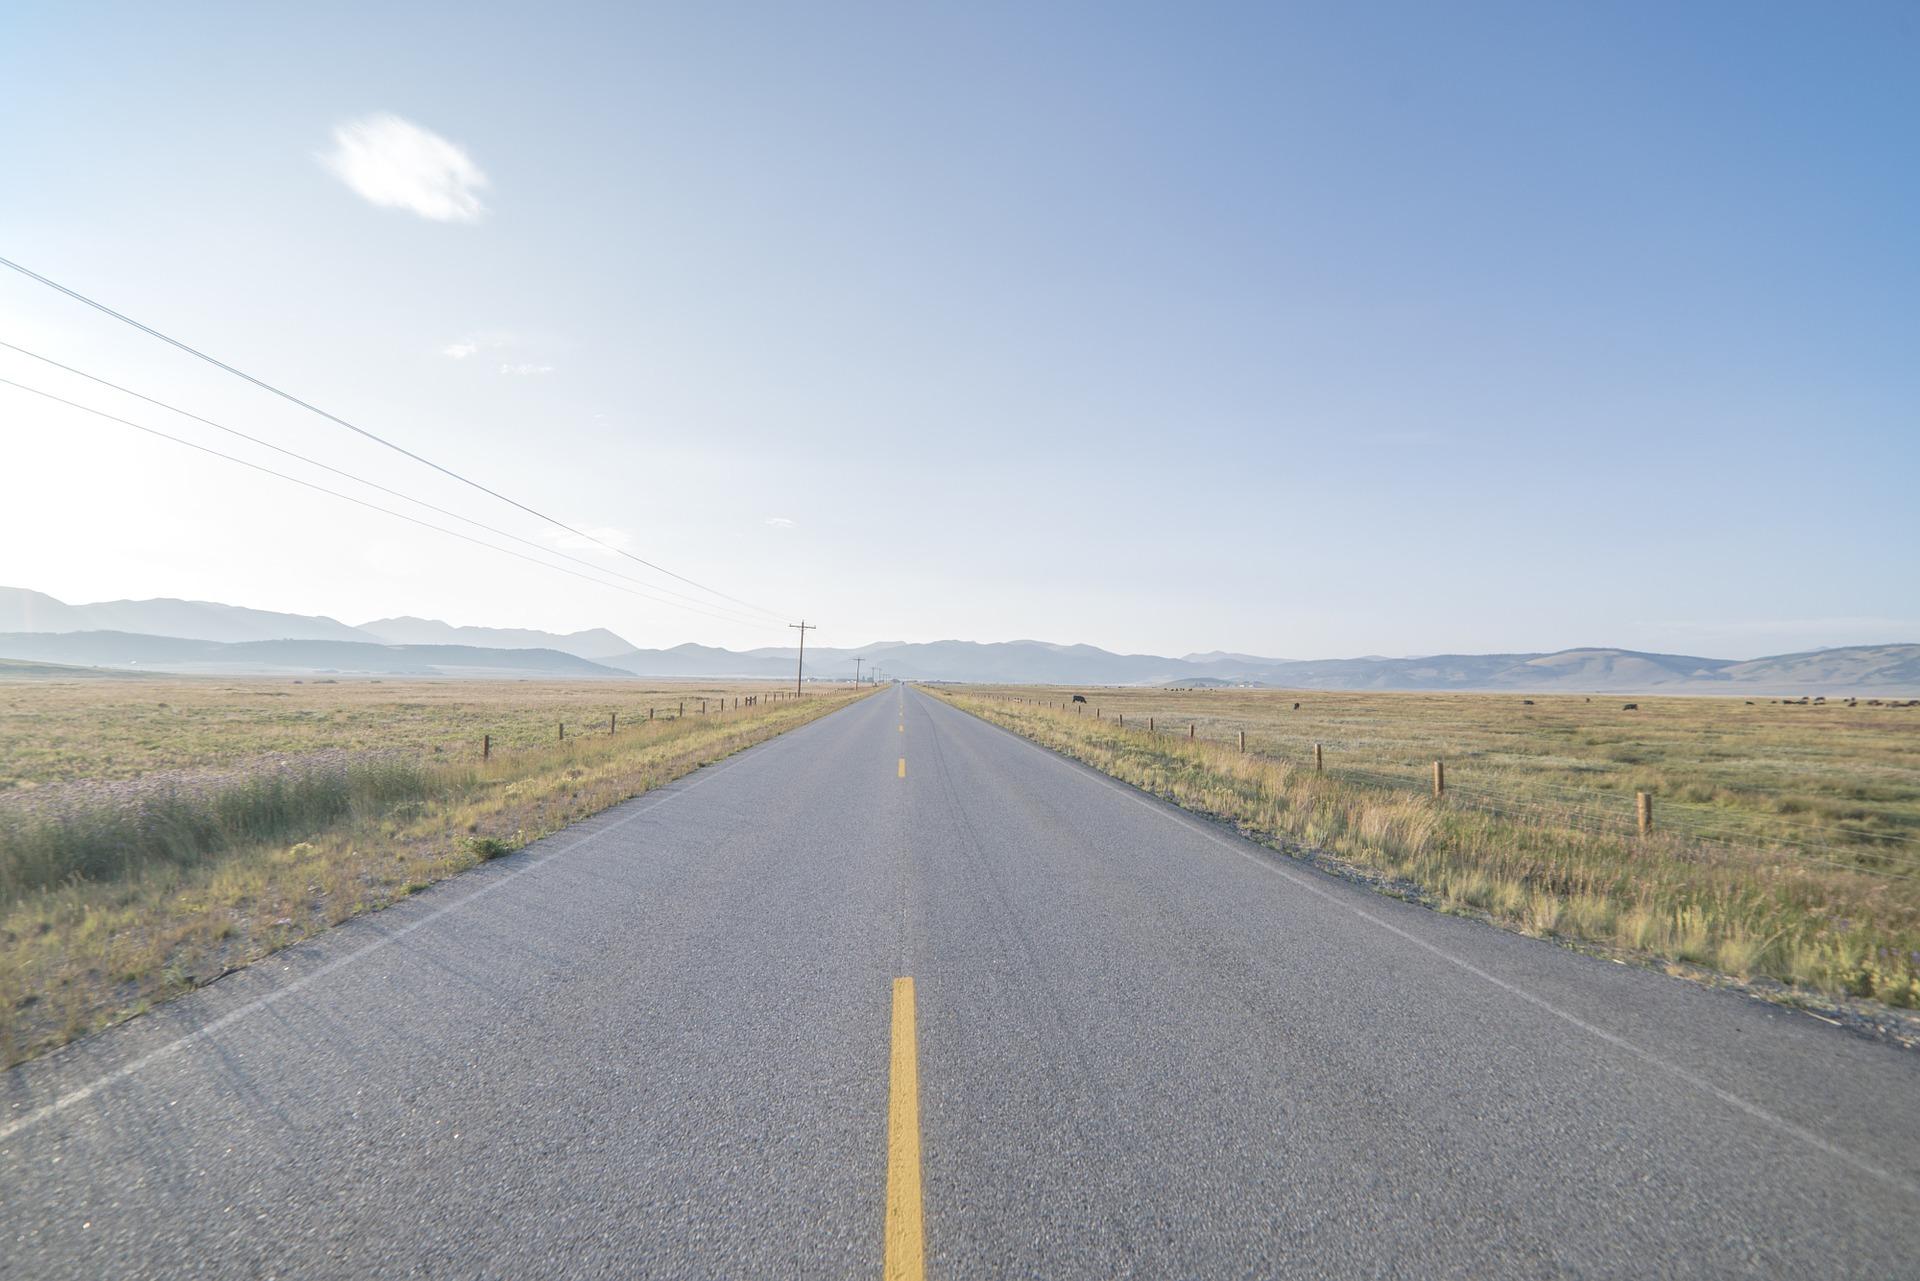 road-918435_1920.jpg